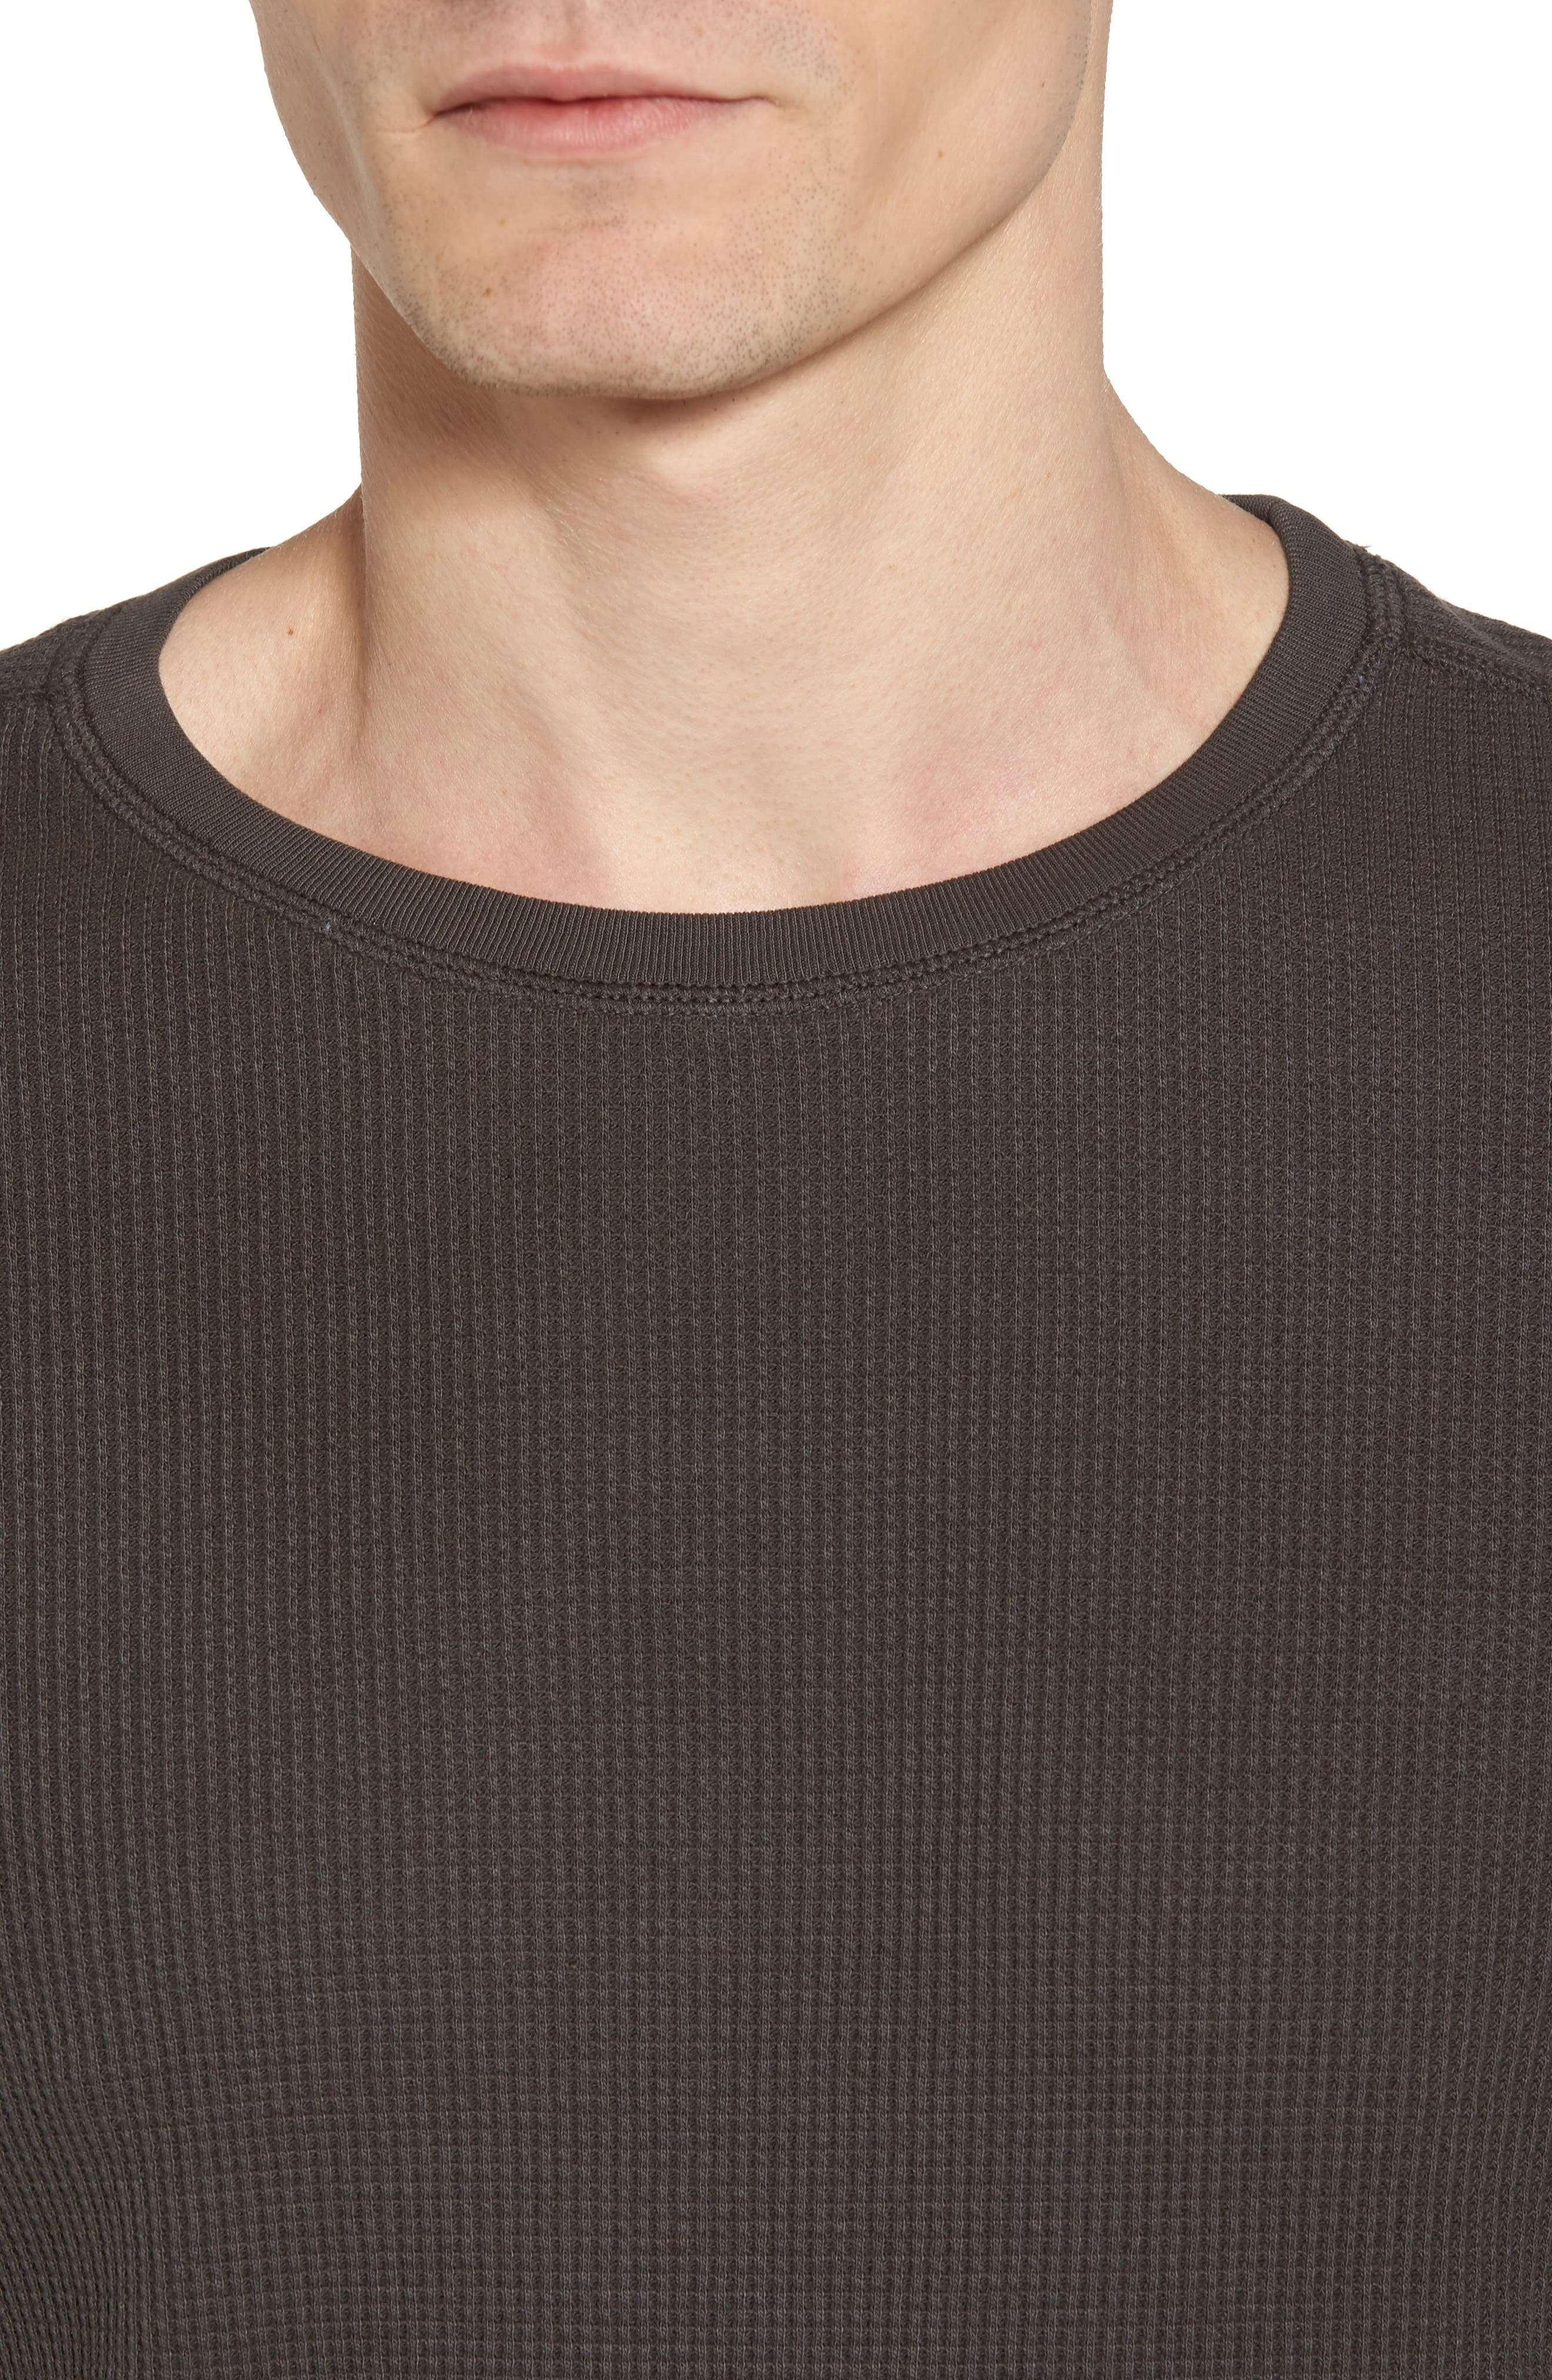 Alternate Image 4  - AG Trevor Slim Fit Crewneck Shirt